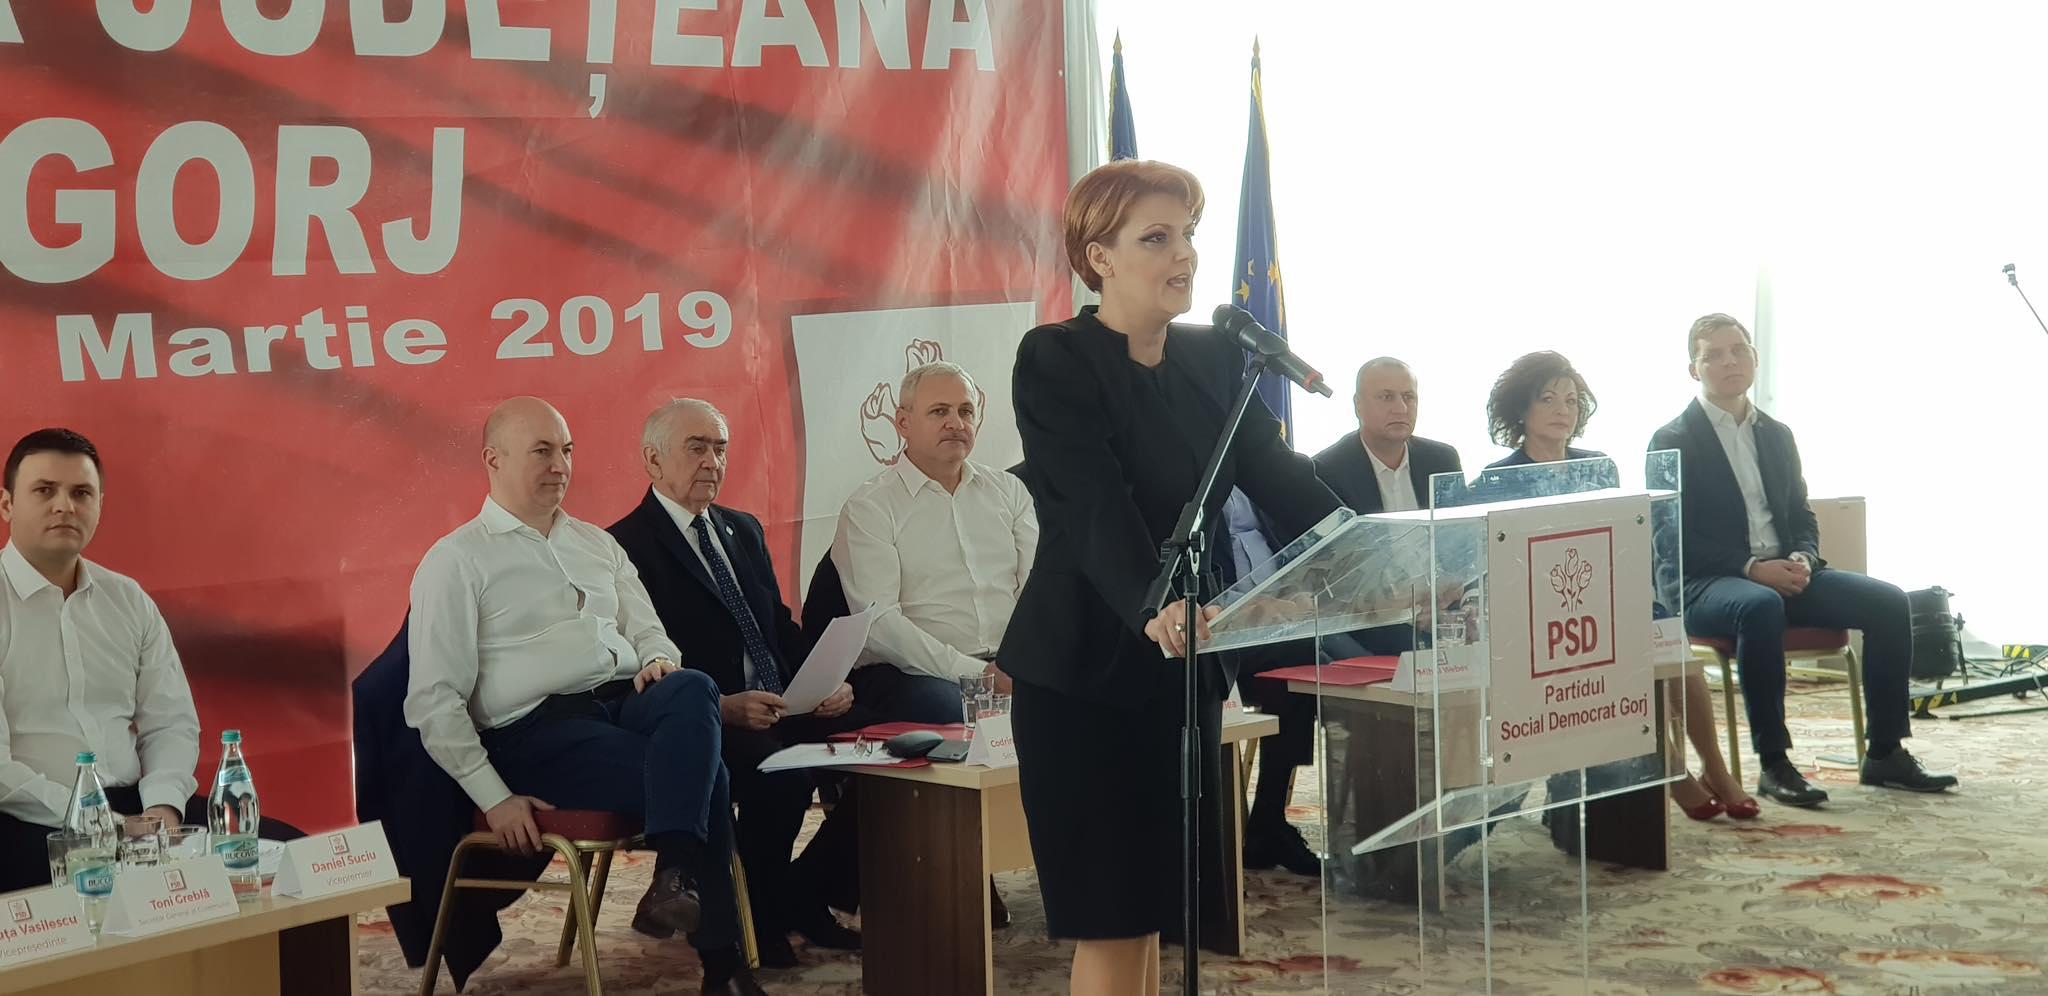 Lia Olguța Vasilescu a votat moțiunea prin care se cerea demiterea lui Răzvan Cuc